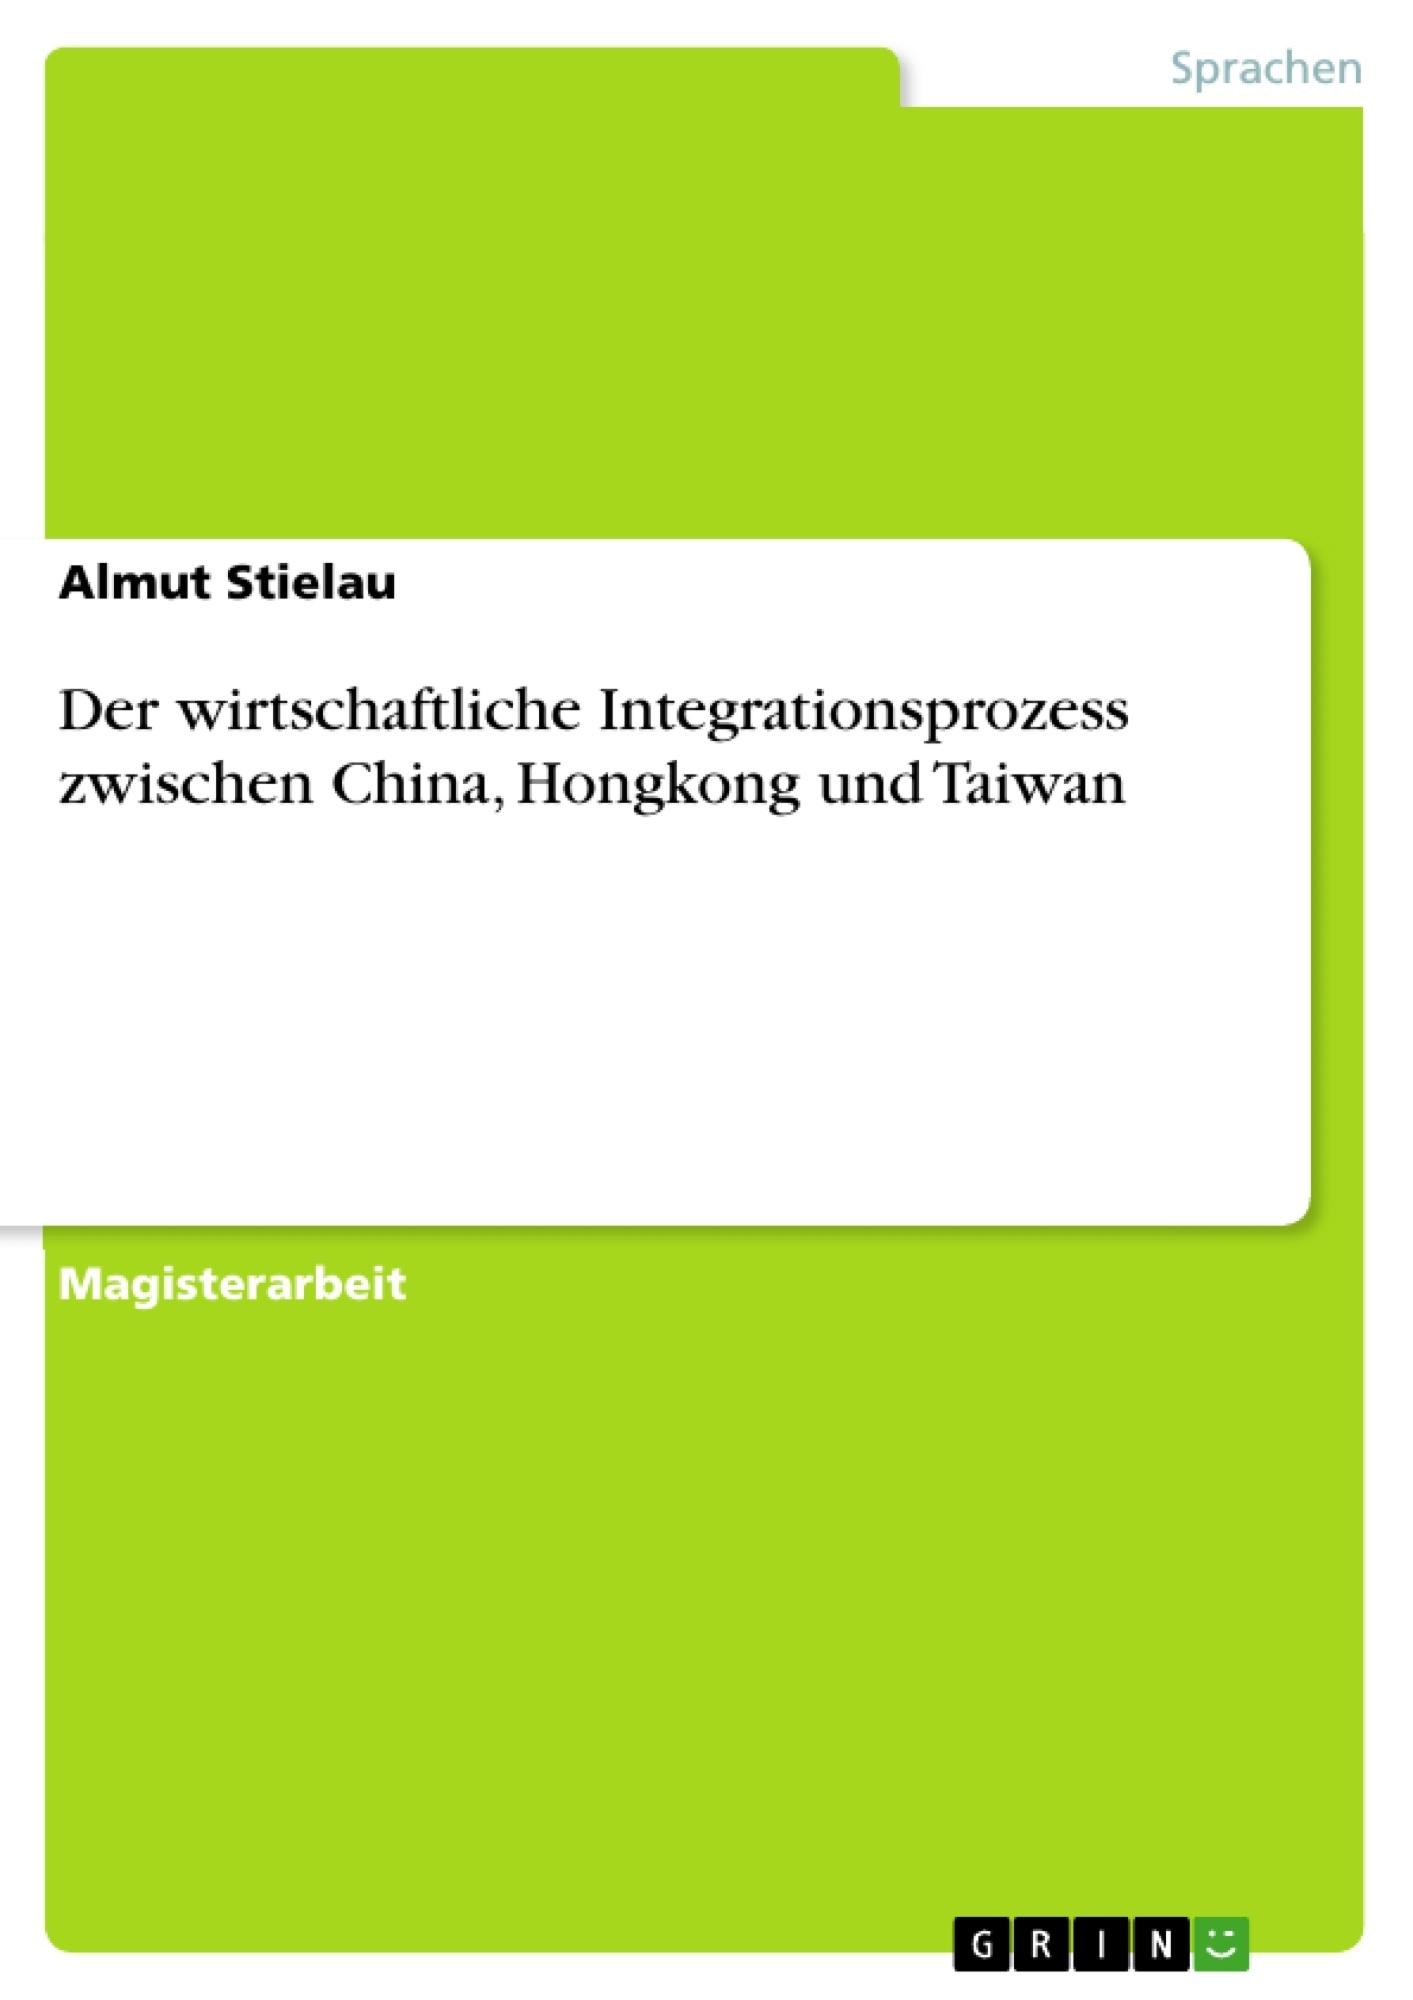 Titel: Der wirtschaftliche Integrationsprozess zwischen China, Hongkong und Taiwan